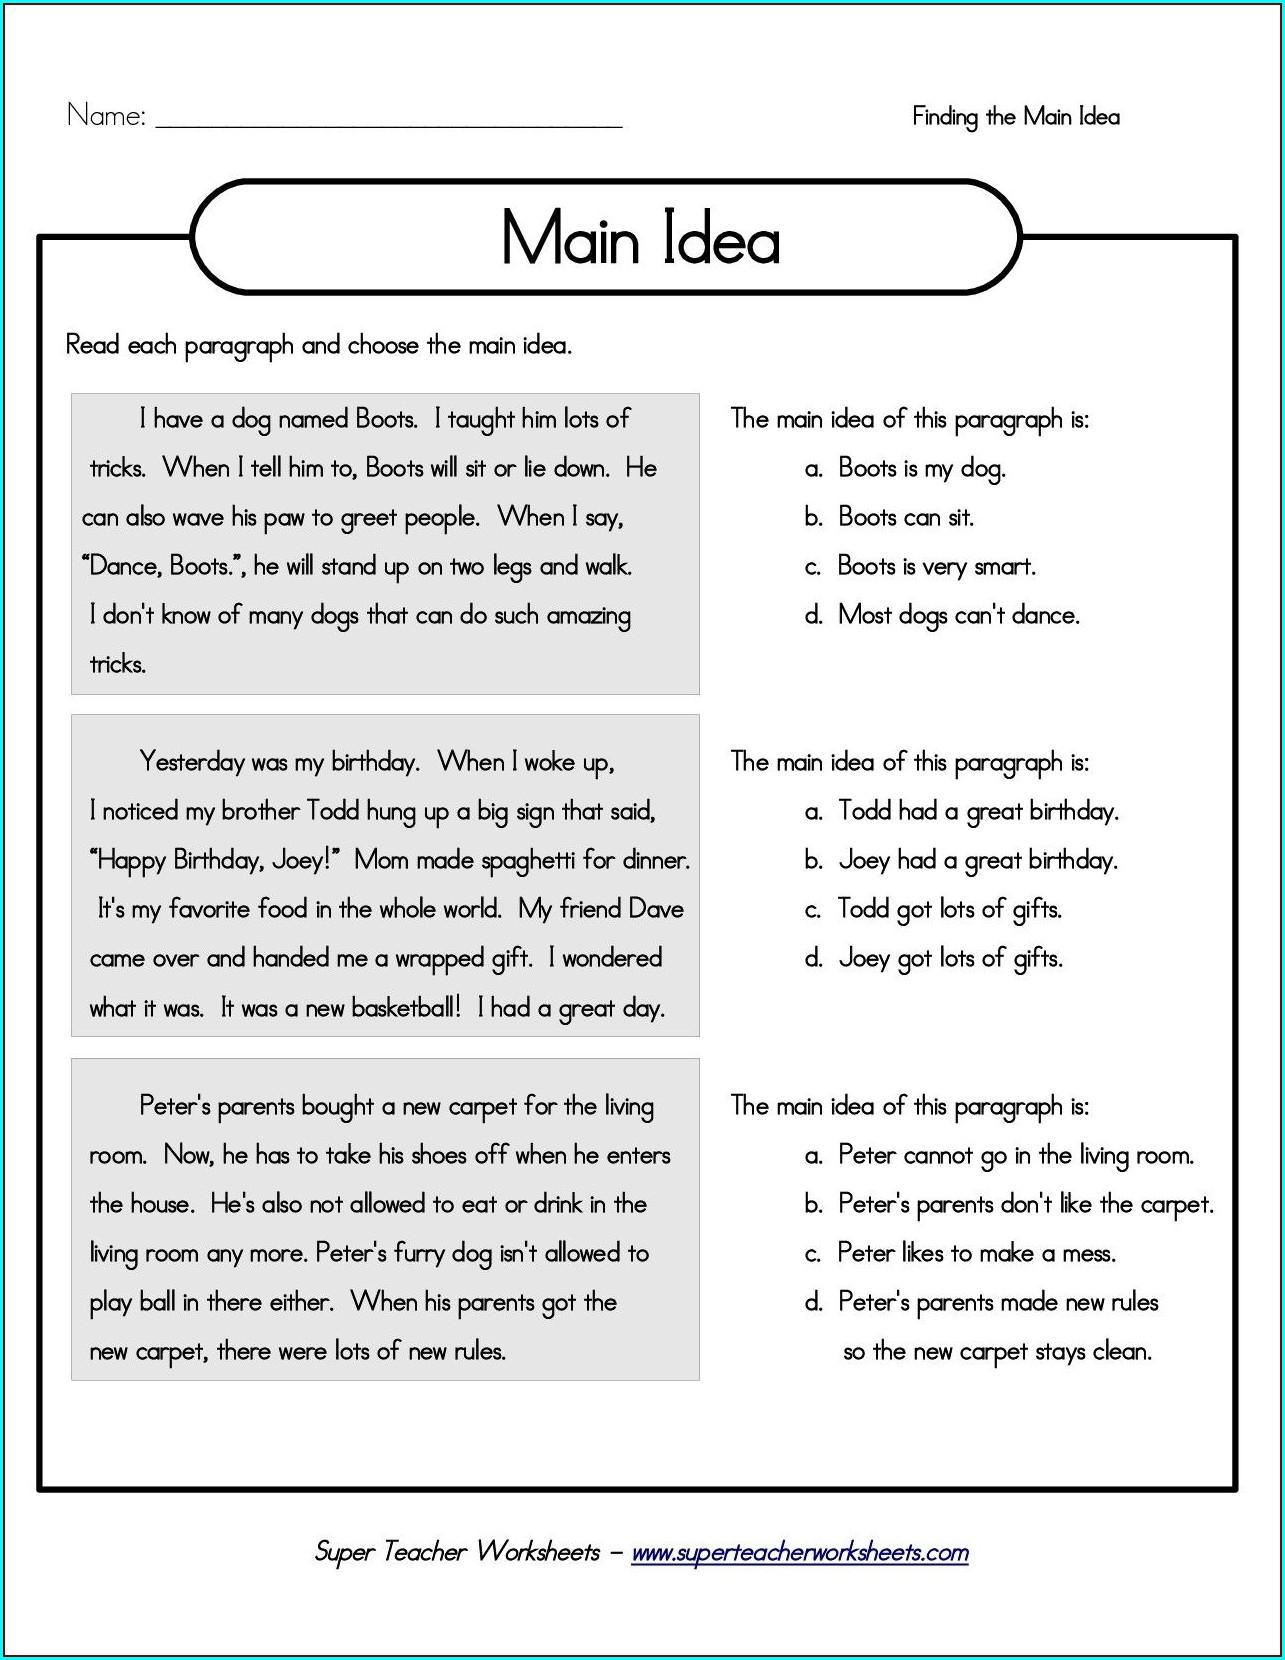 Free 3rd Grade Comprehension Worksheets